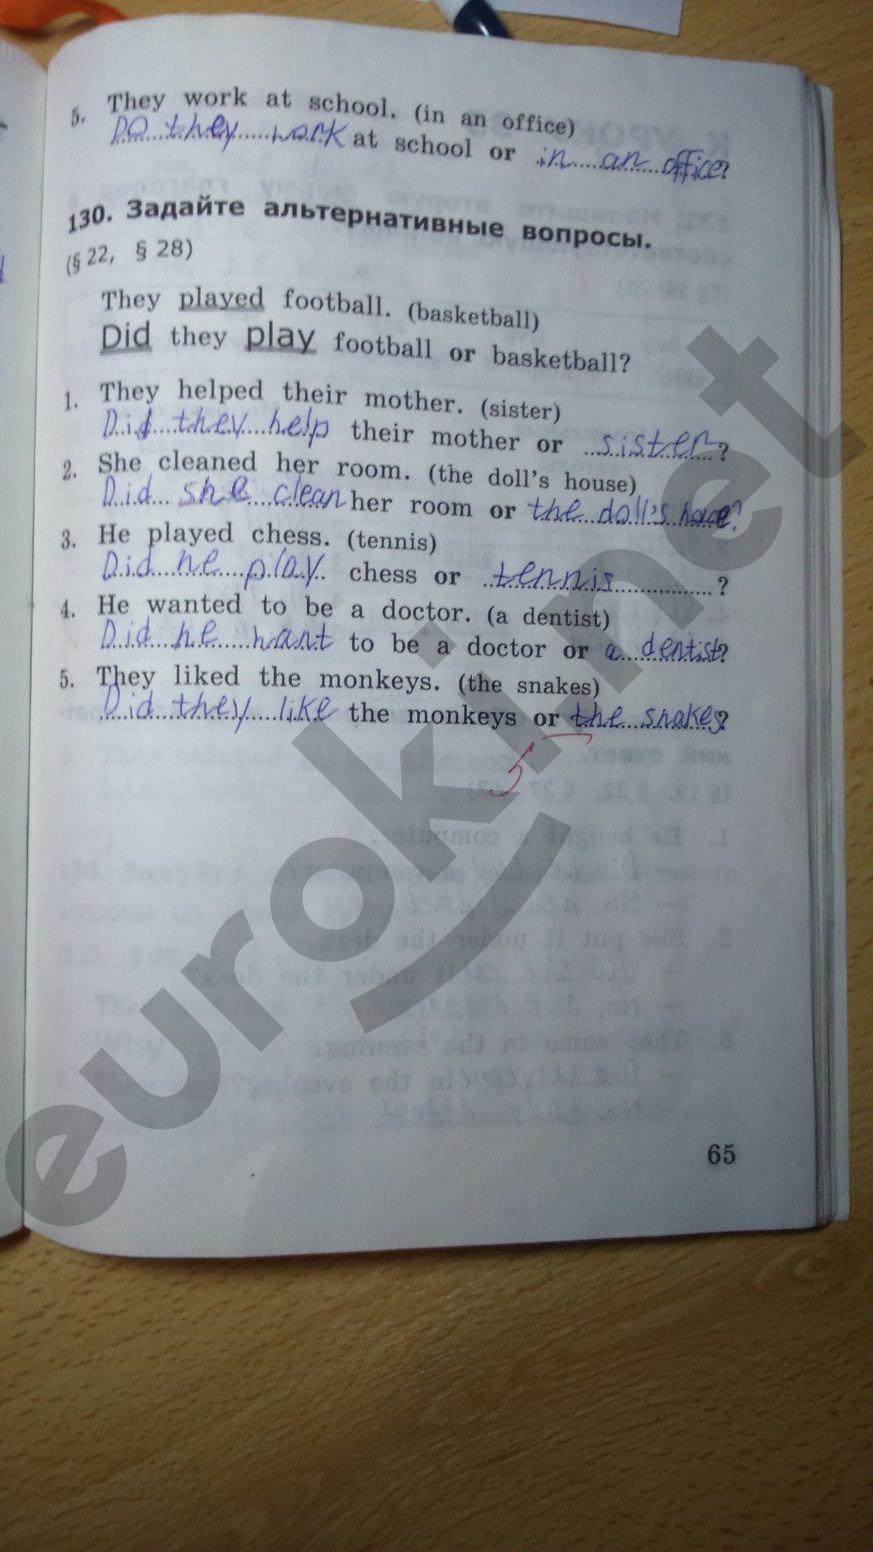 английскому е.а.барашкова класс 5 гдз рабочая по языку тетрадь